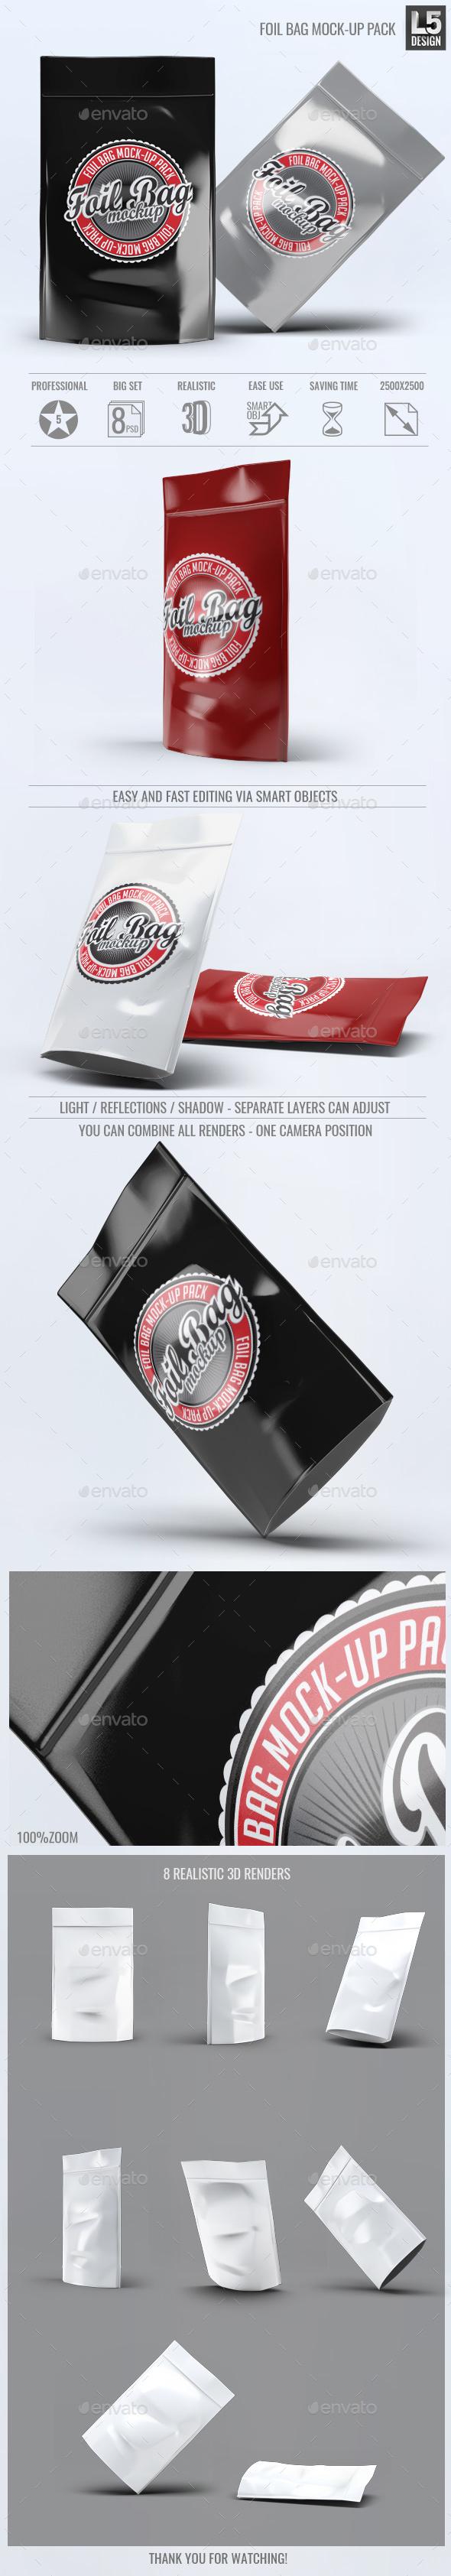 Foil Bag Mock-up Pack - Food and Drink Packaging